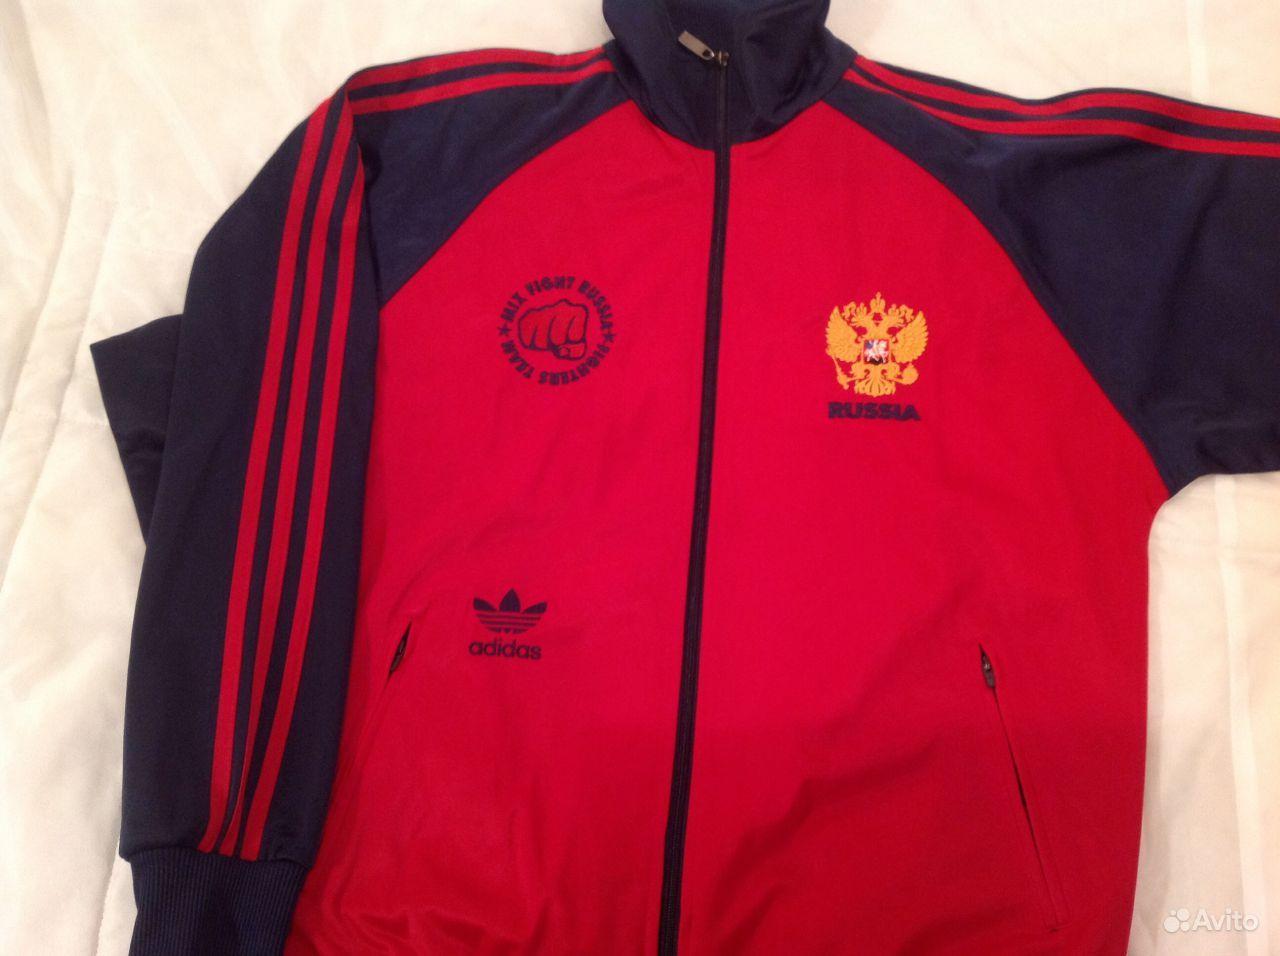 b2f4973897fe Salthex — Спортивная одежда от сборной россии